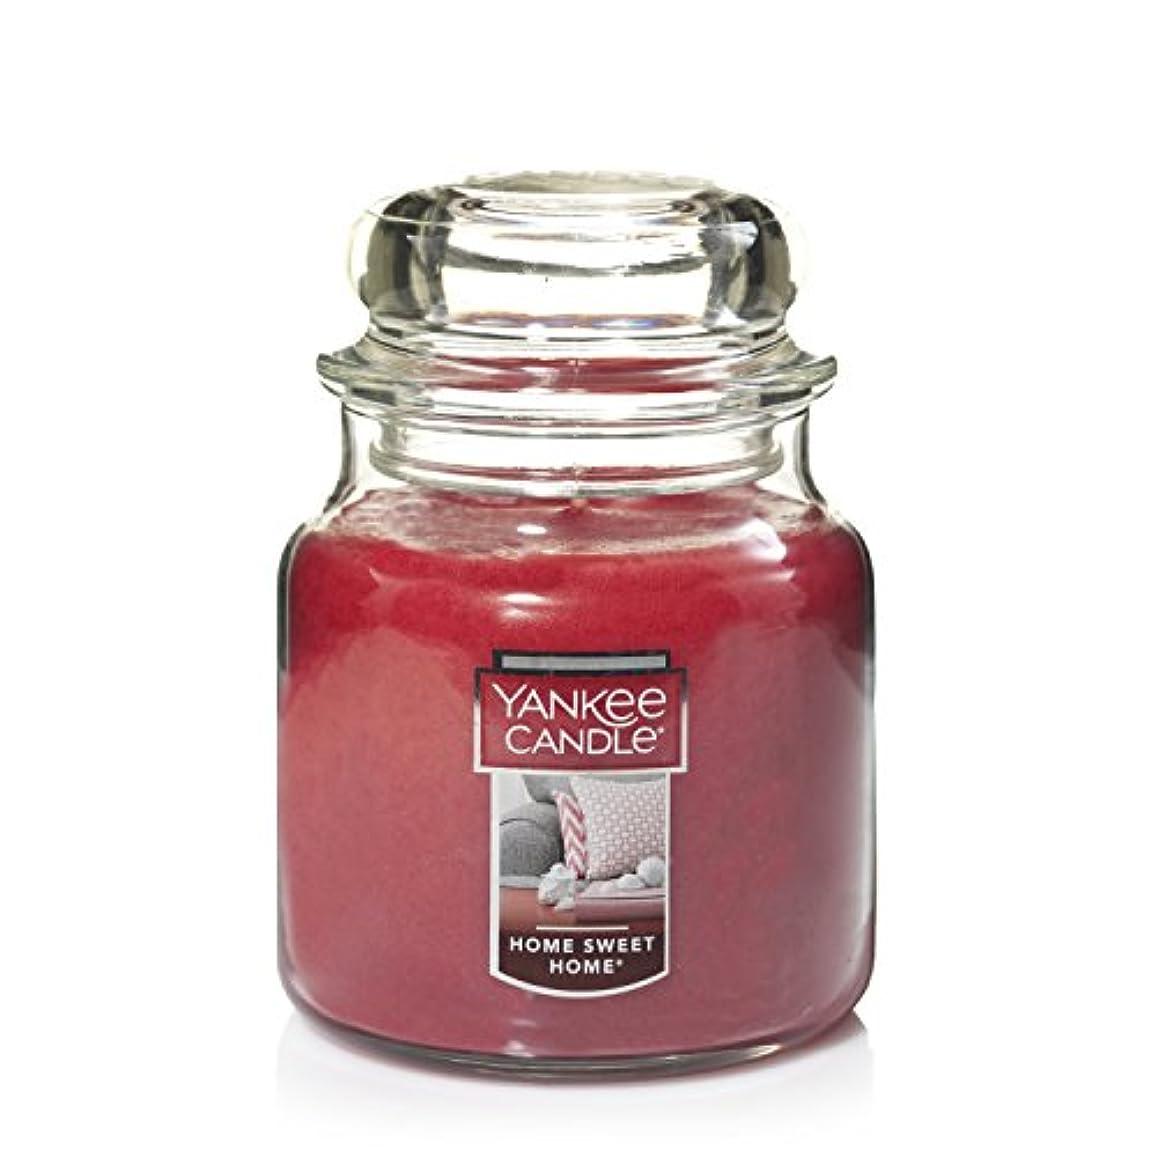 納得させる不当広くYankee Candle Home Sweet Home Medium Jar 14.5oz Candle One レッド 11497-YC